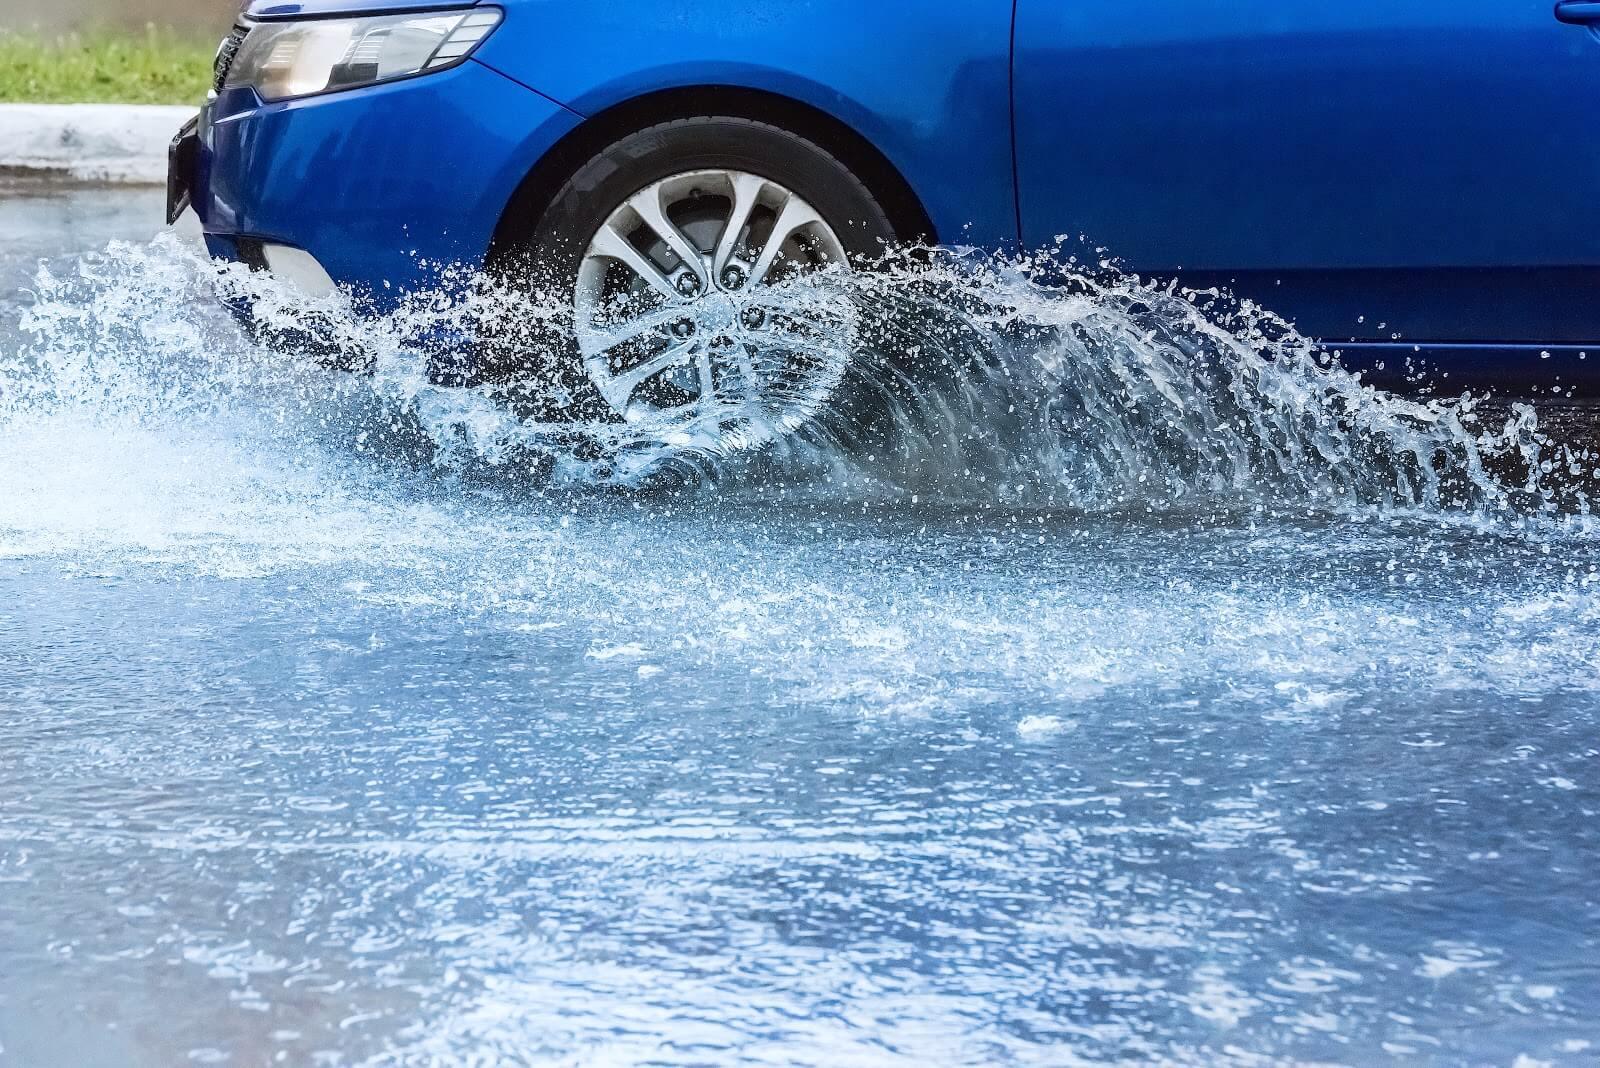 carro azul fazendo aquaplanagem